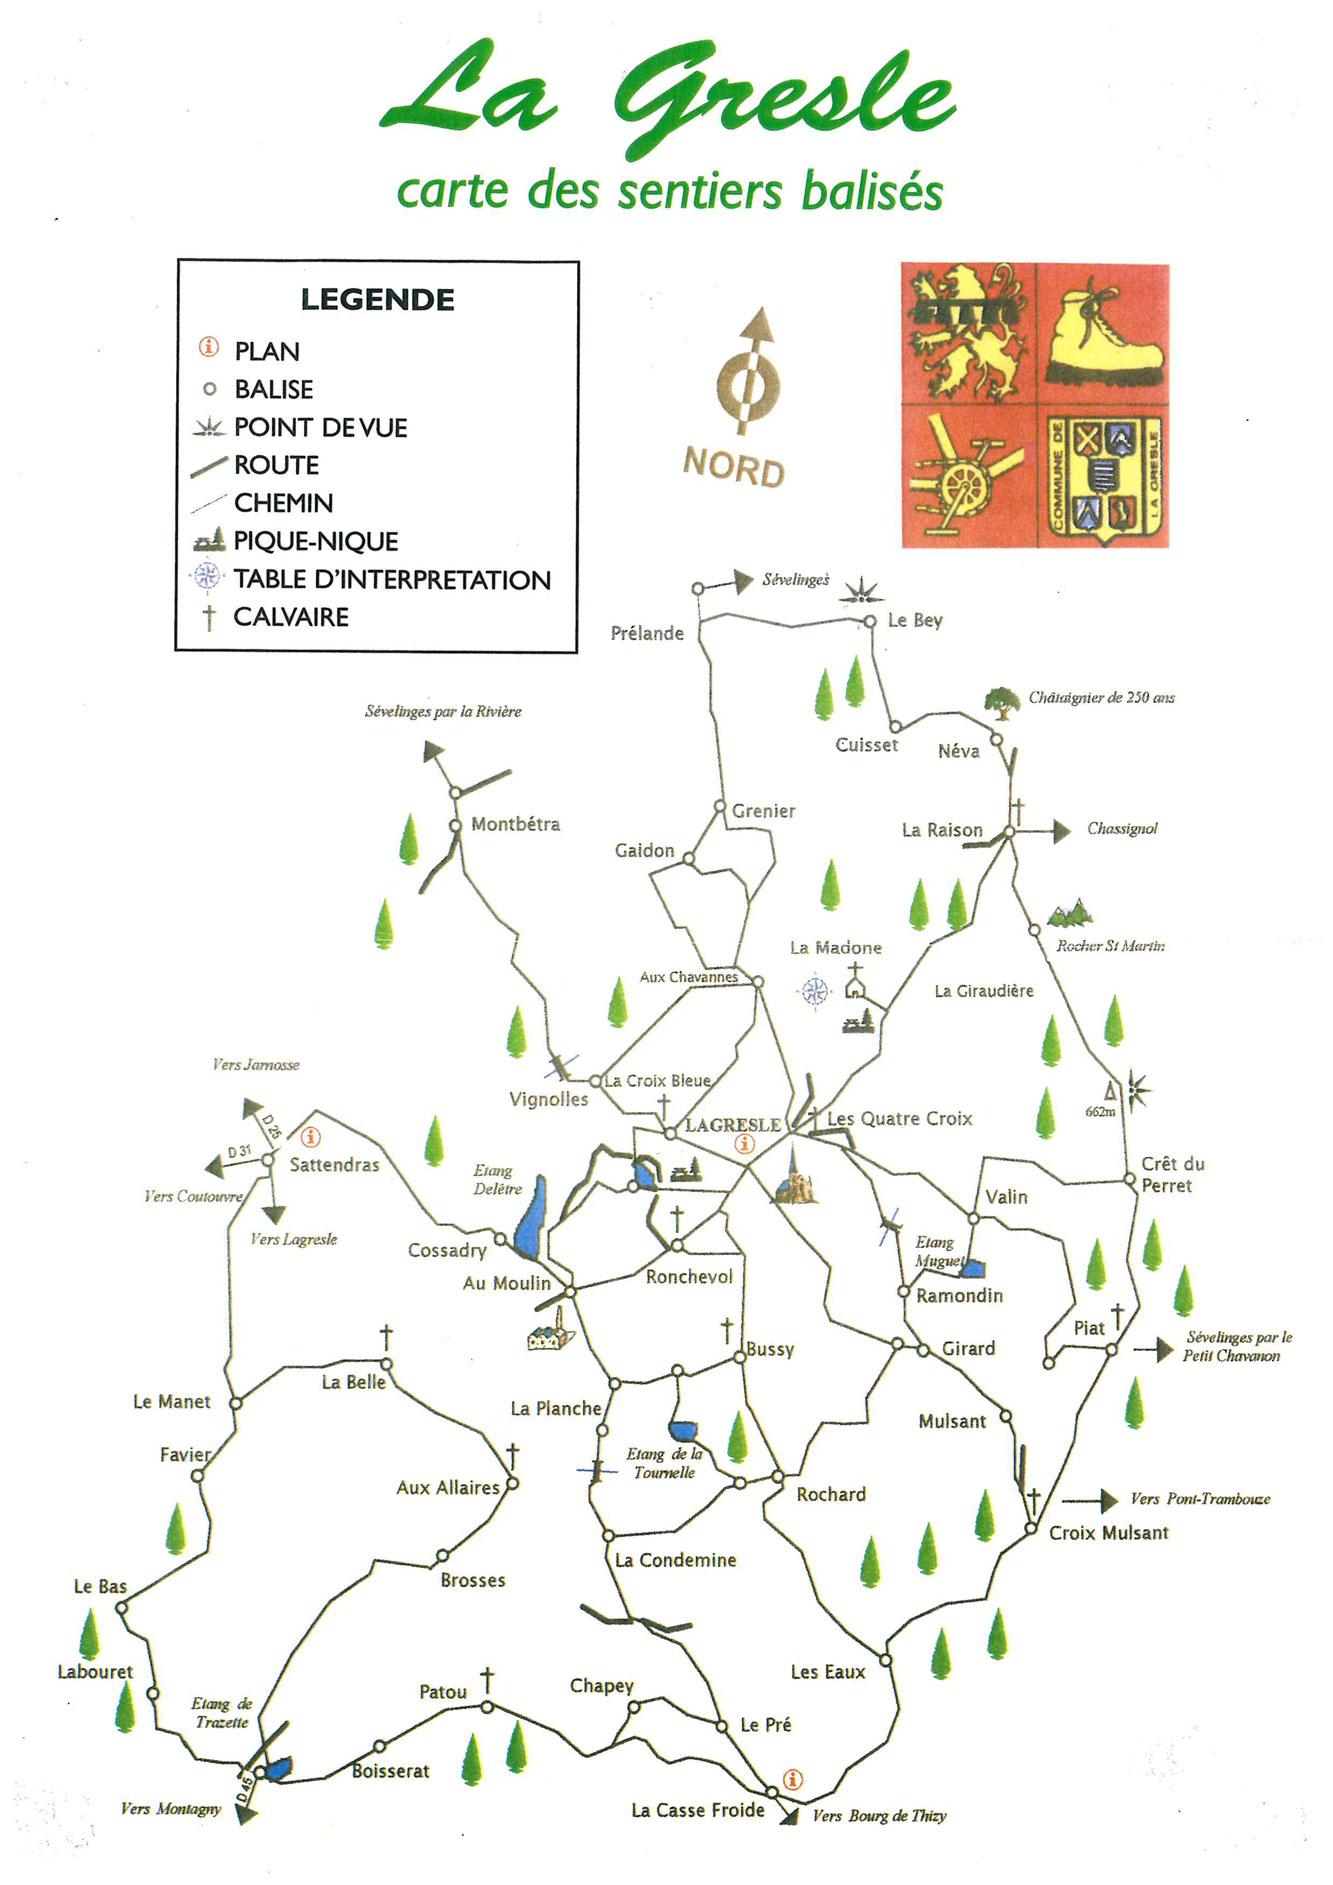 carte des sentiers balisés sur la commune de La Gresle